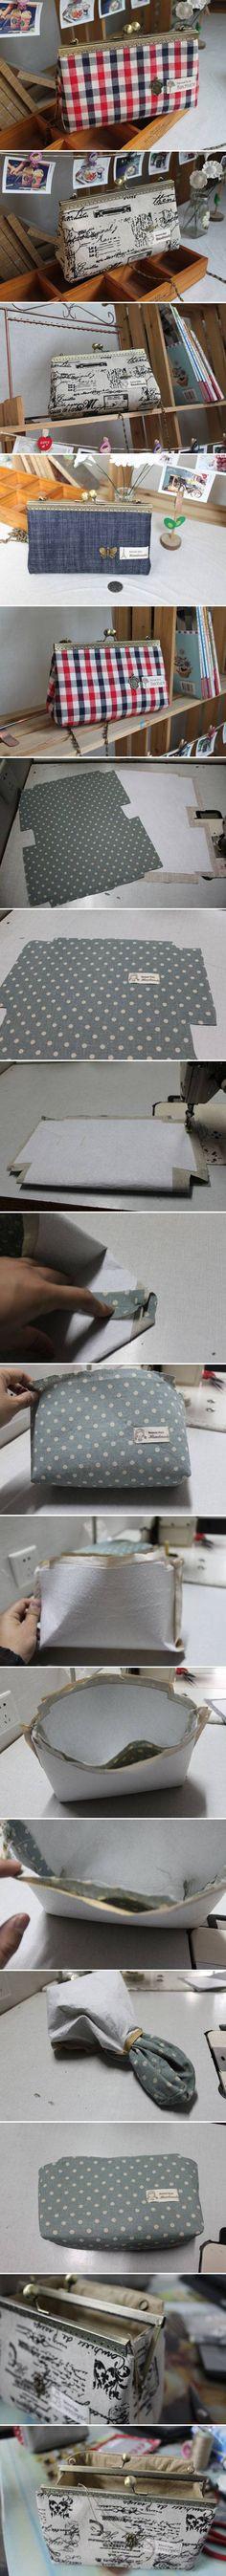 DIY Simple Handbag DIY Simple Handbag by diyforever Diy Handbag, Diy Purse, Clutch Purse, Diy Clutch, Purse Wallet, My Bags, Purses And Bags, Lv Pochette, Diy Sac